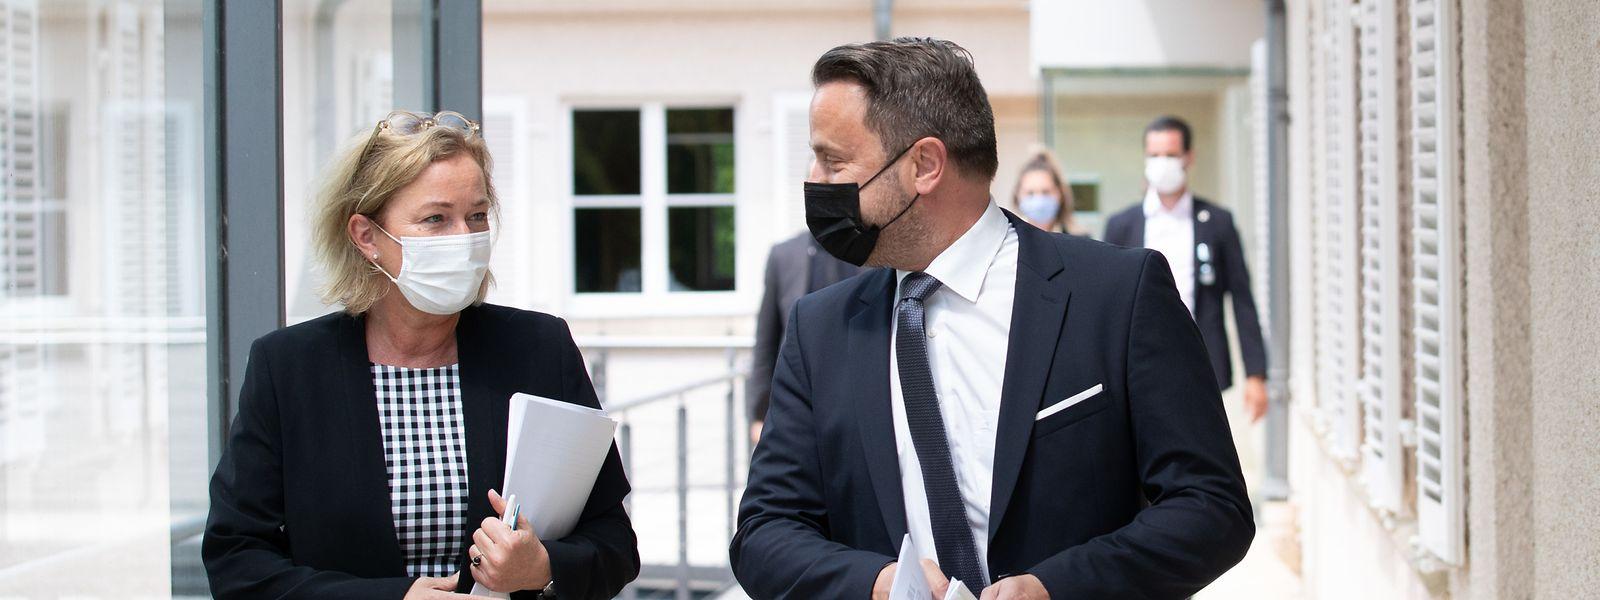 Premier Xavier Bettel und Gesundheitsministerin Paulette Lenert kündigten am Mittwoch weitreichende Lockerungen an.